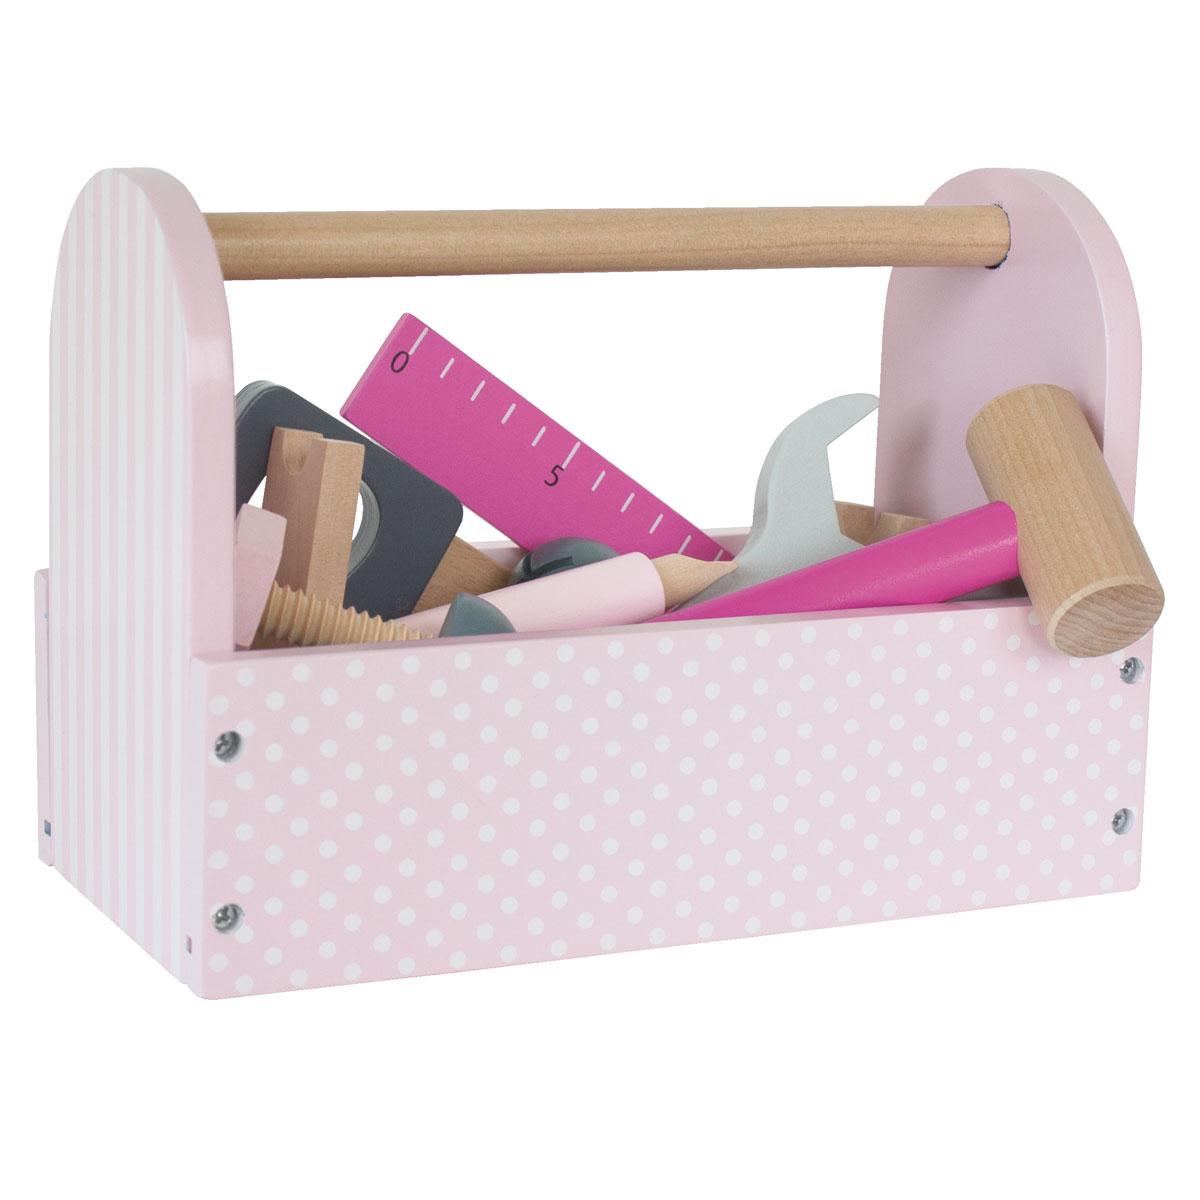 jabadabado werkzeugkiste aus holz für kinder - rosa - w7106